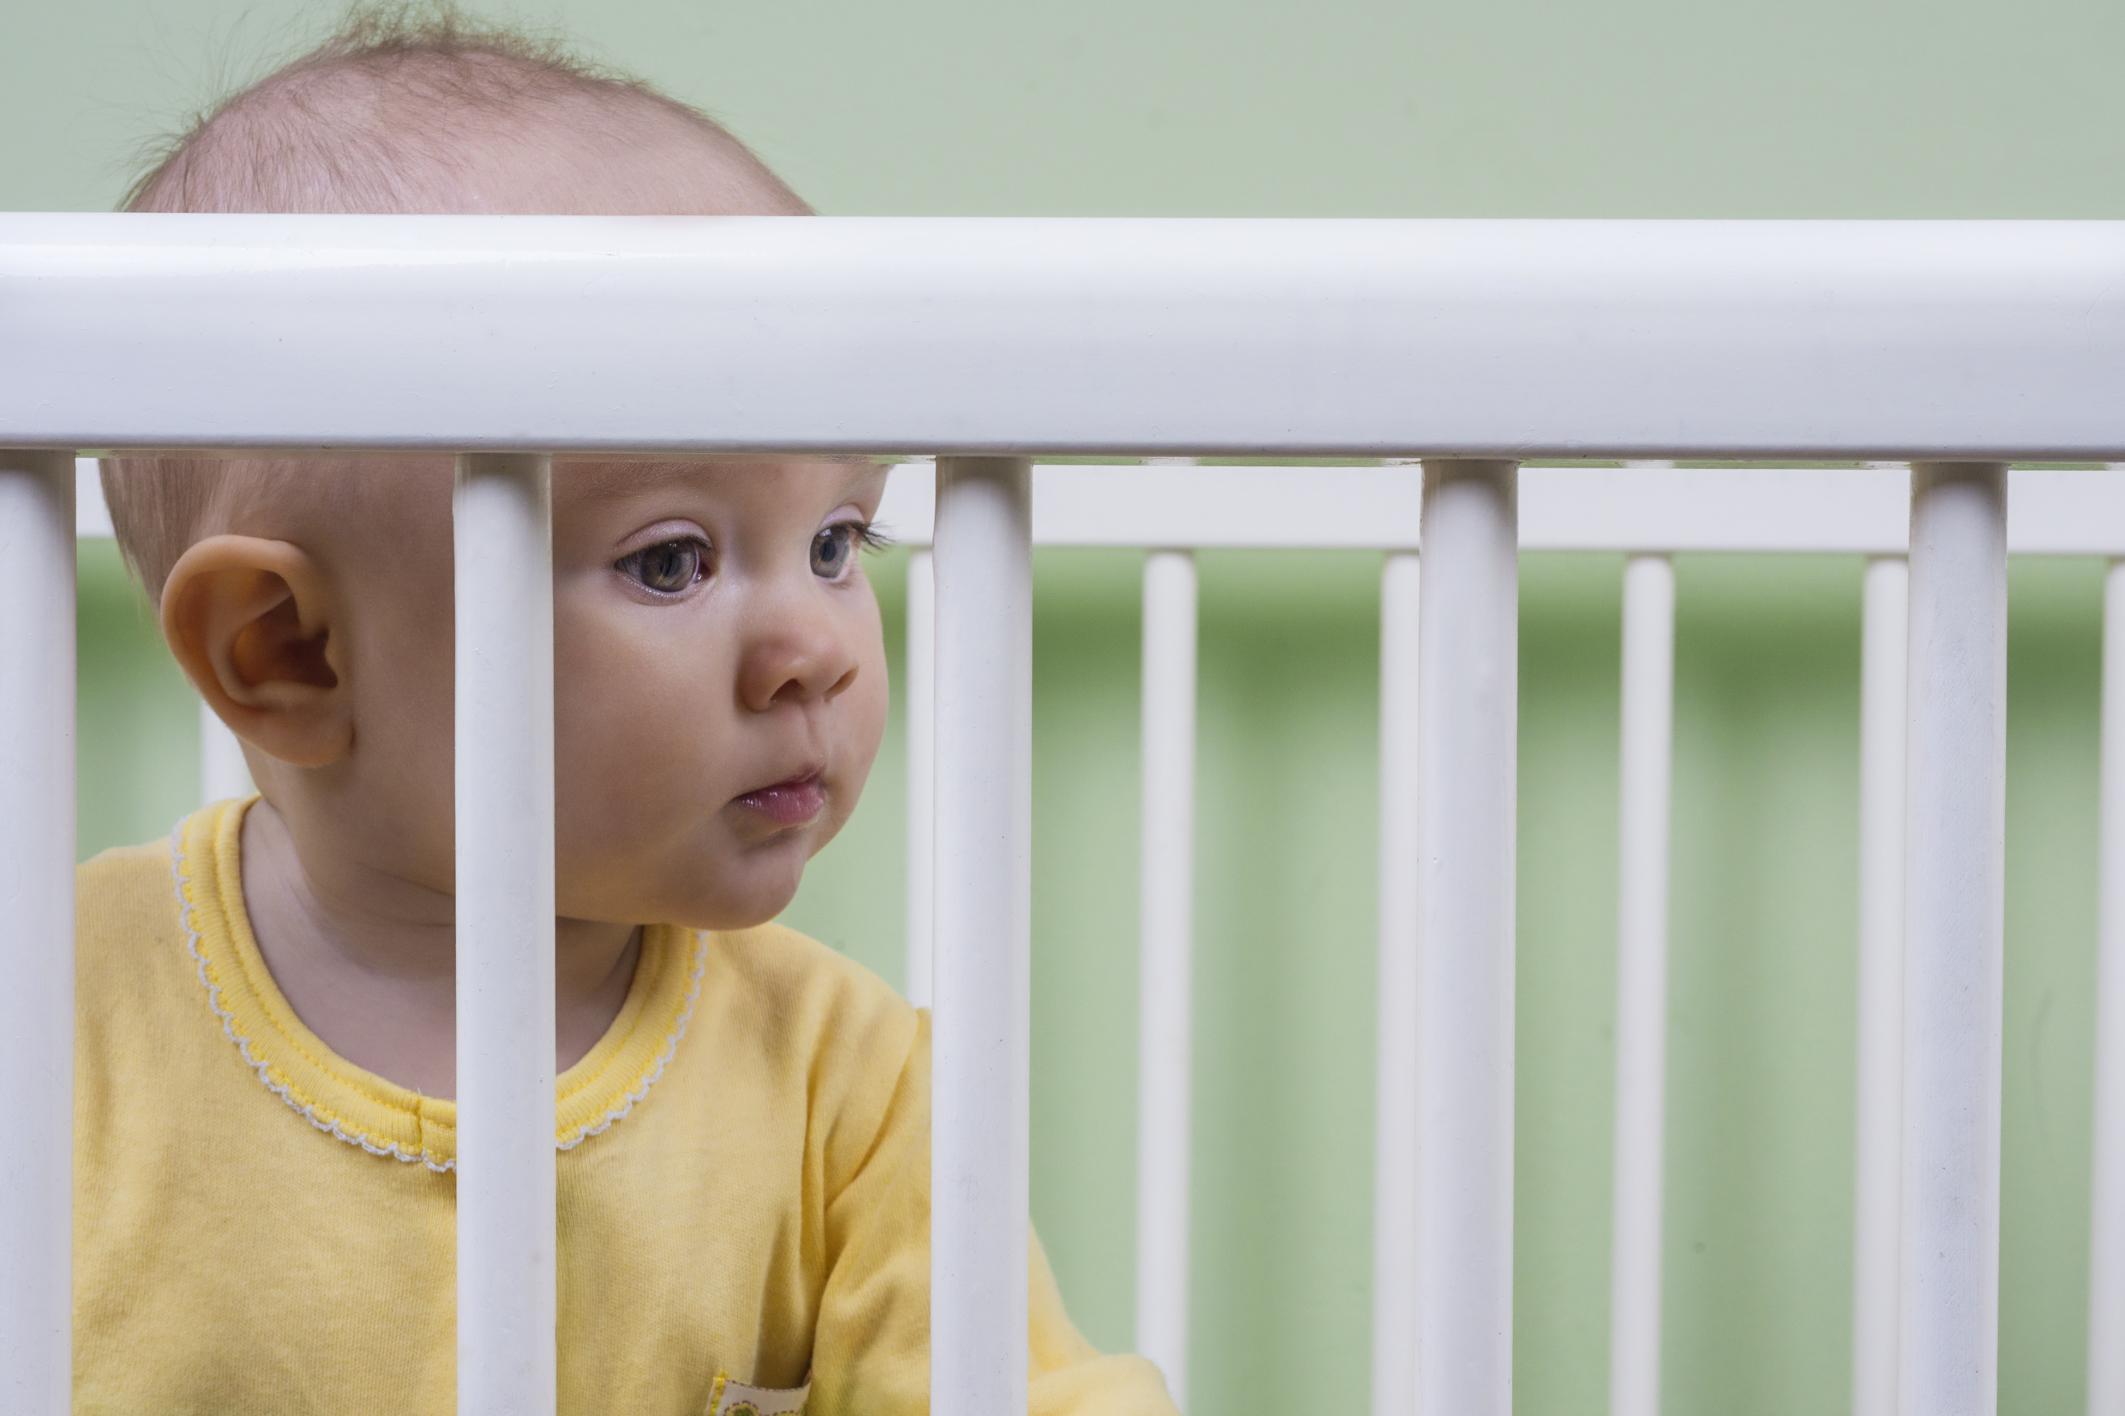 Дом малютки фото детей база данных на усыновление